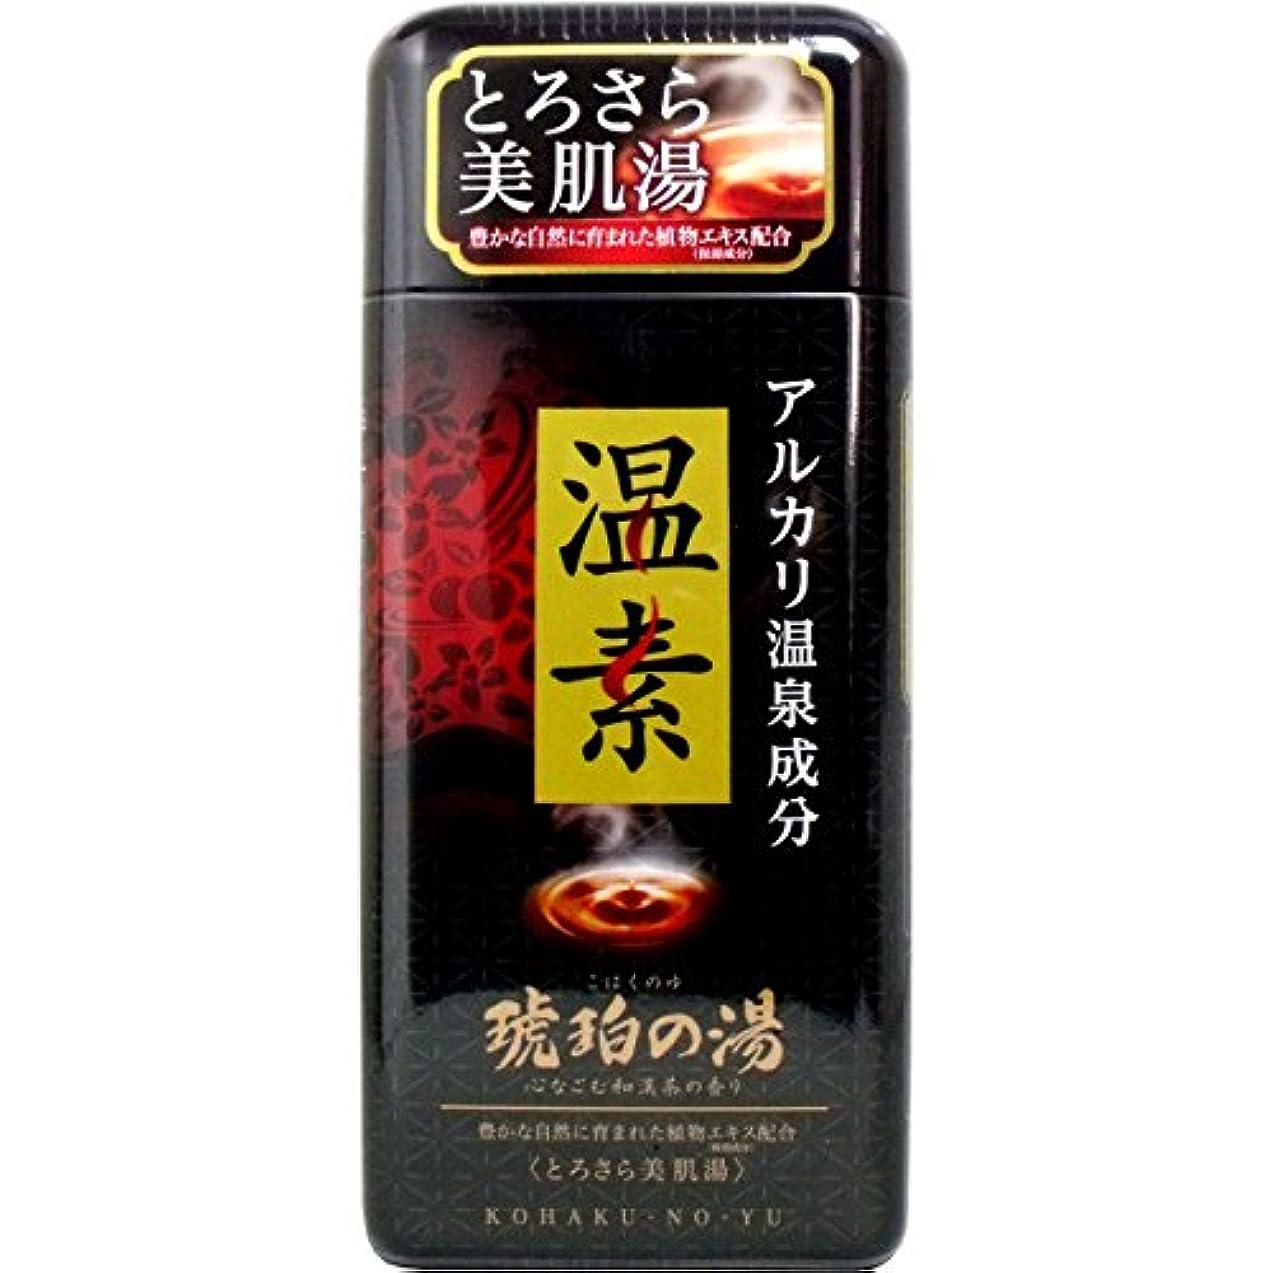 韓国うま追い出す温素 琥珀の湯 × 5個セット